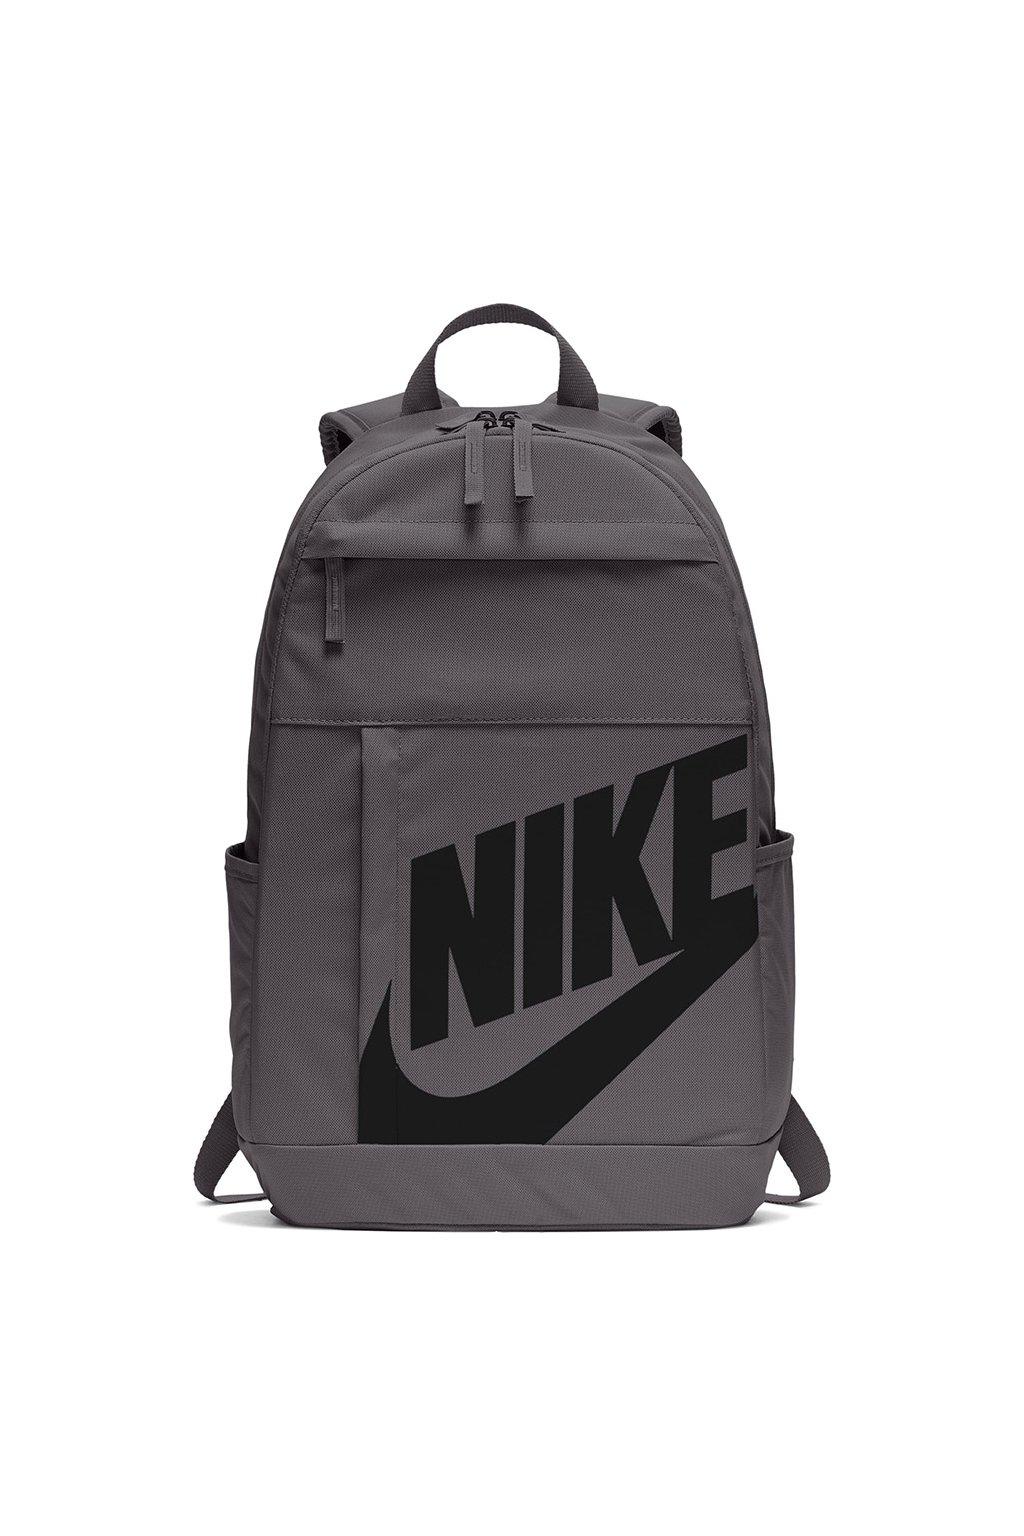 Batoh Nike Elemental BKPK 2.0 šedý BA5876 083